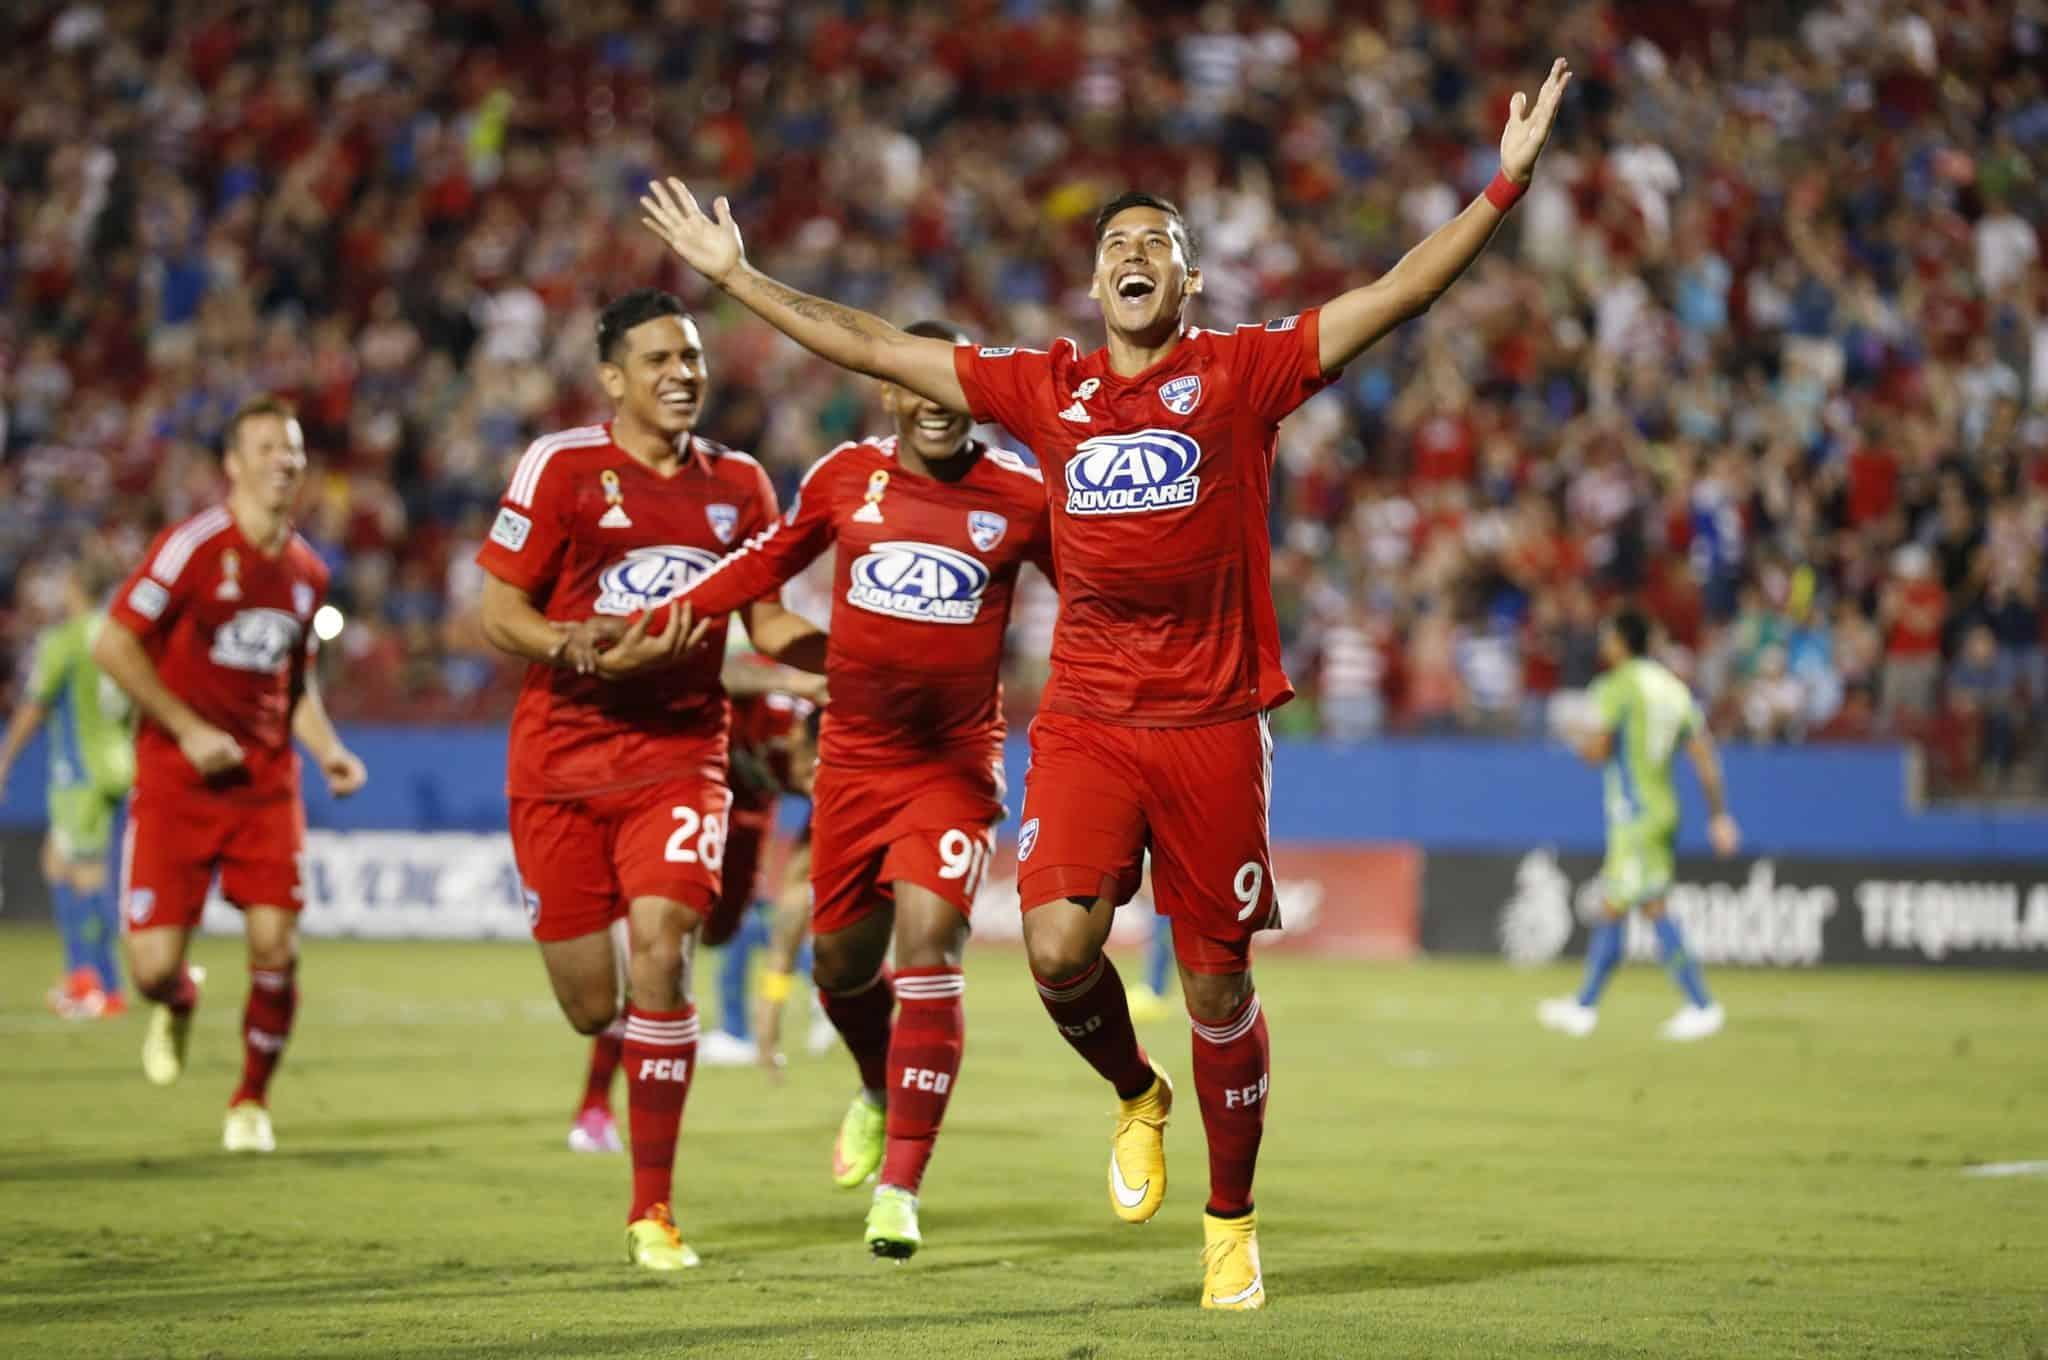 Chicago Fire v FC Dallas - MLS